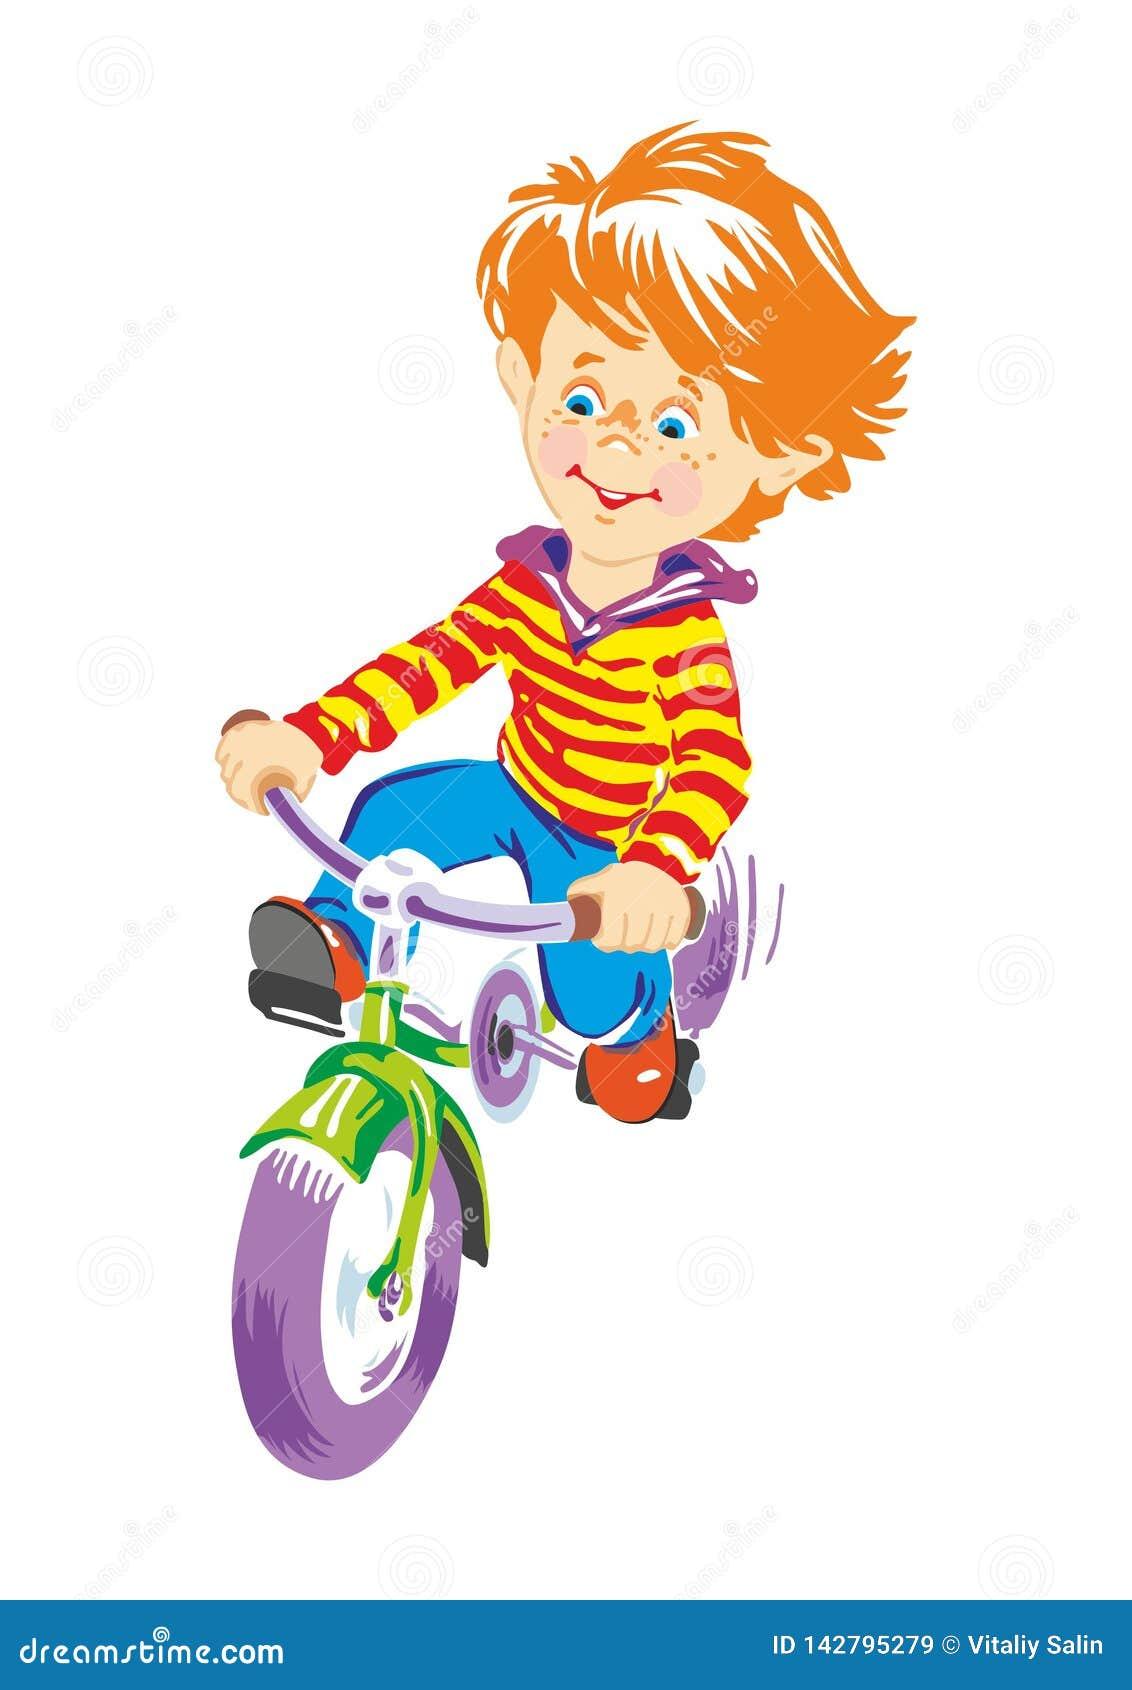 Färgrik bild av en pojke på en cykel